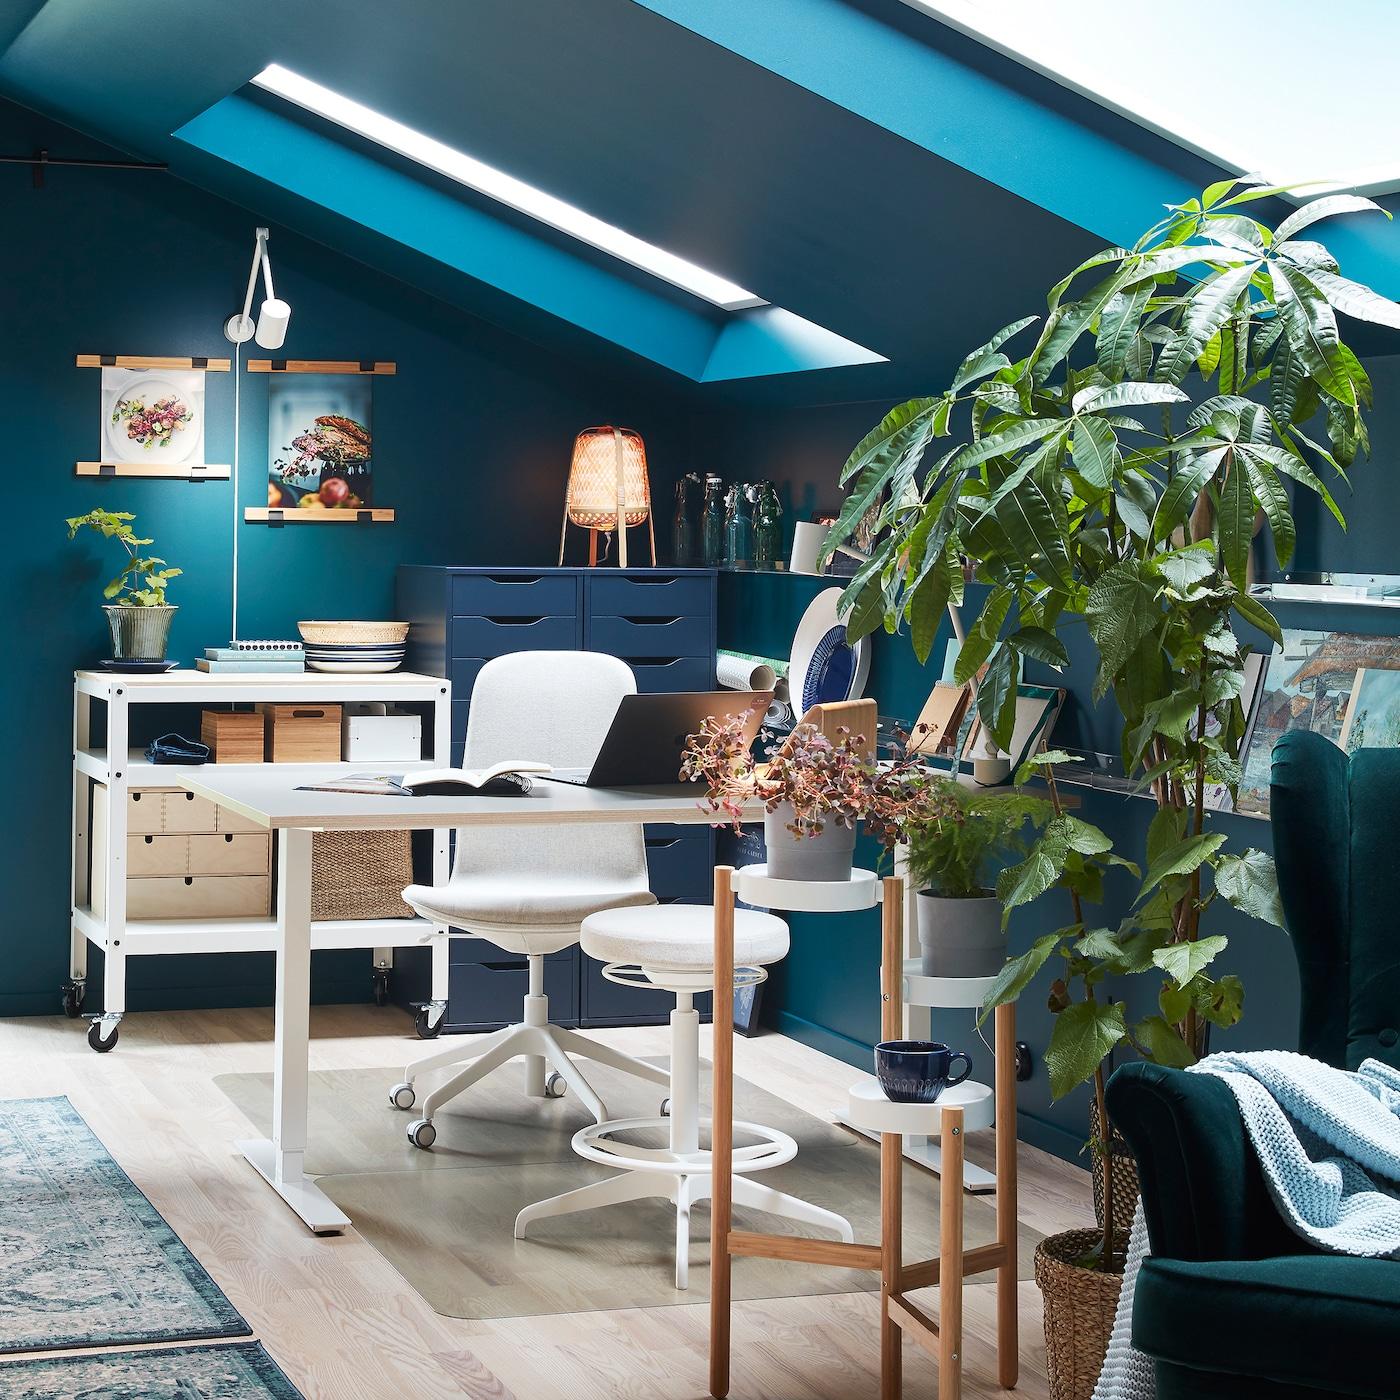 notre IKEA Bureau Déco à maison la galerie photo Bureau Ybg7yvf6